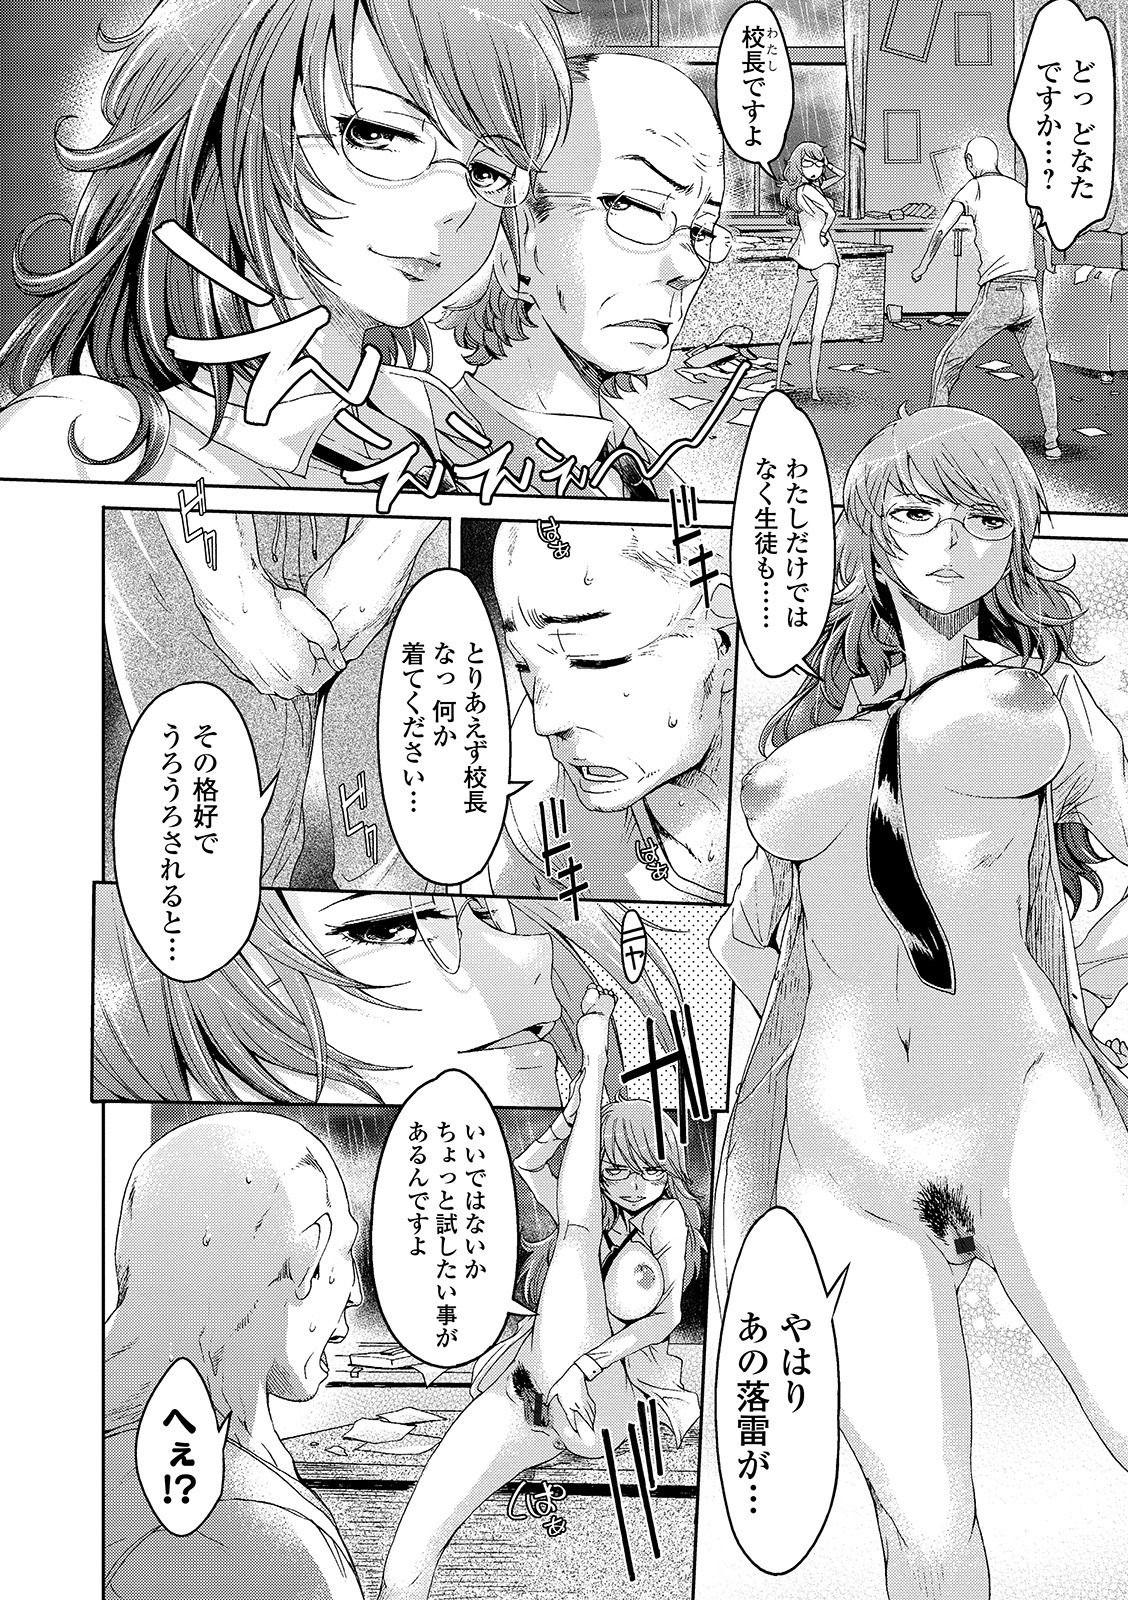 Mechax Shiyo 149